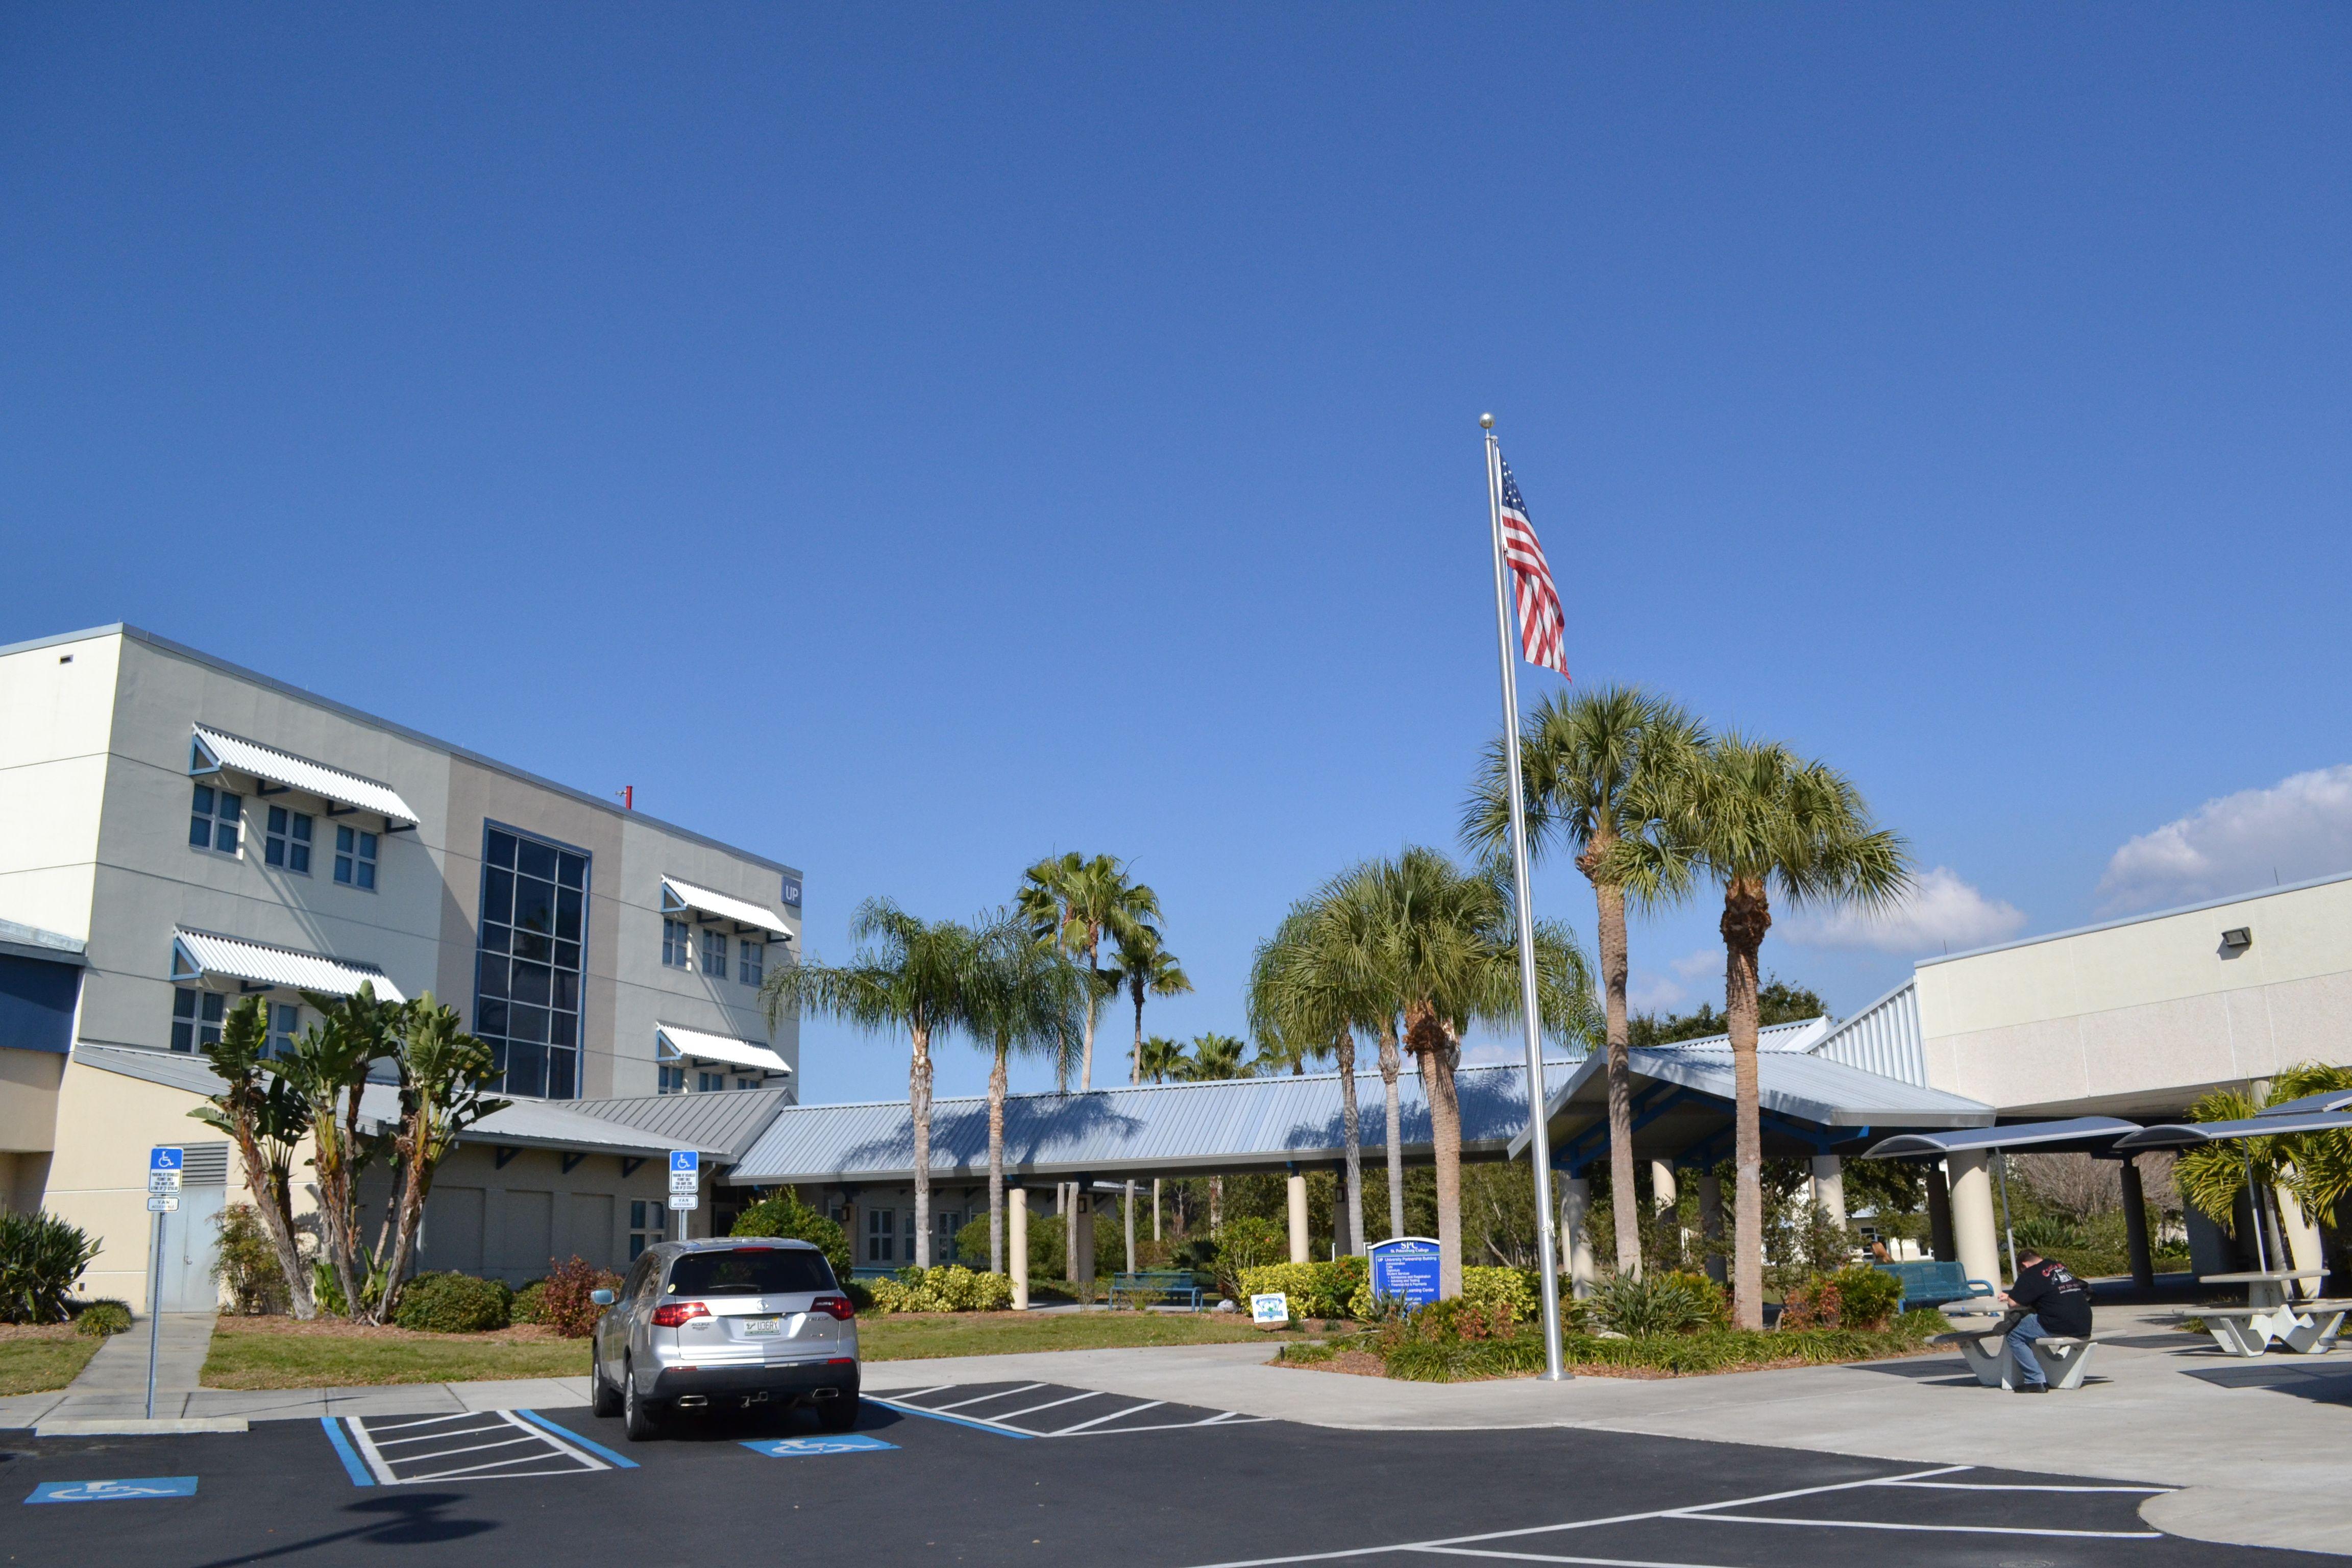 St  Petersburg College Campus, Seminole #spcollege | Campus